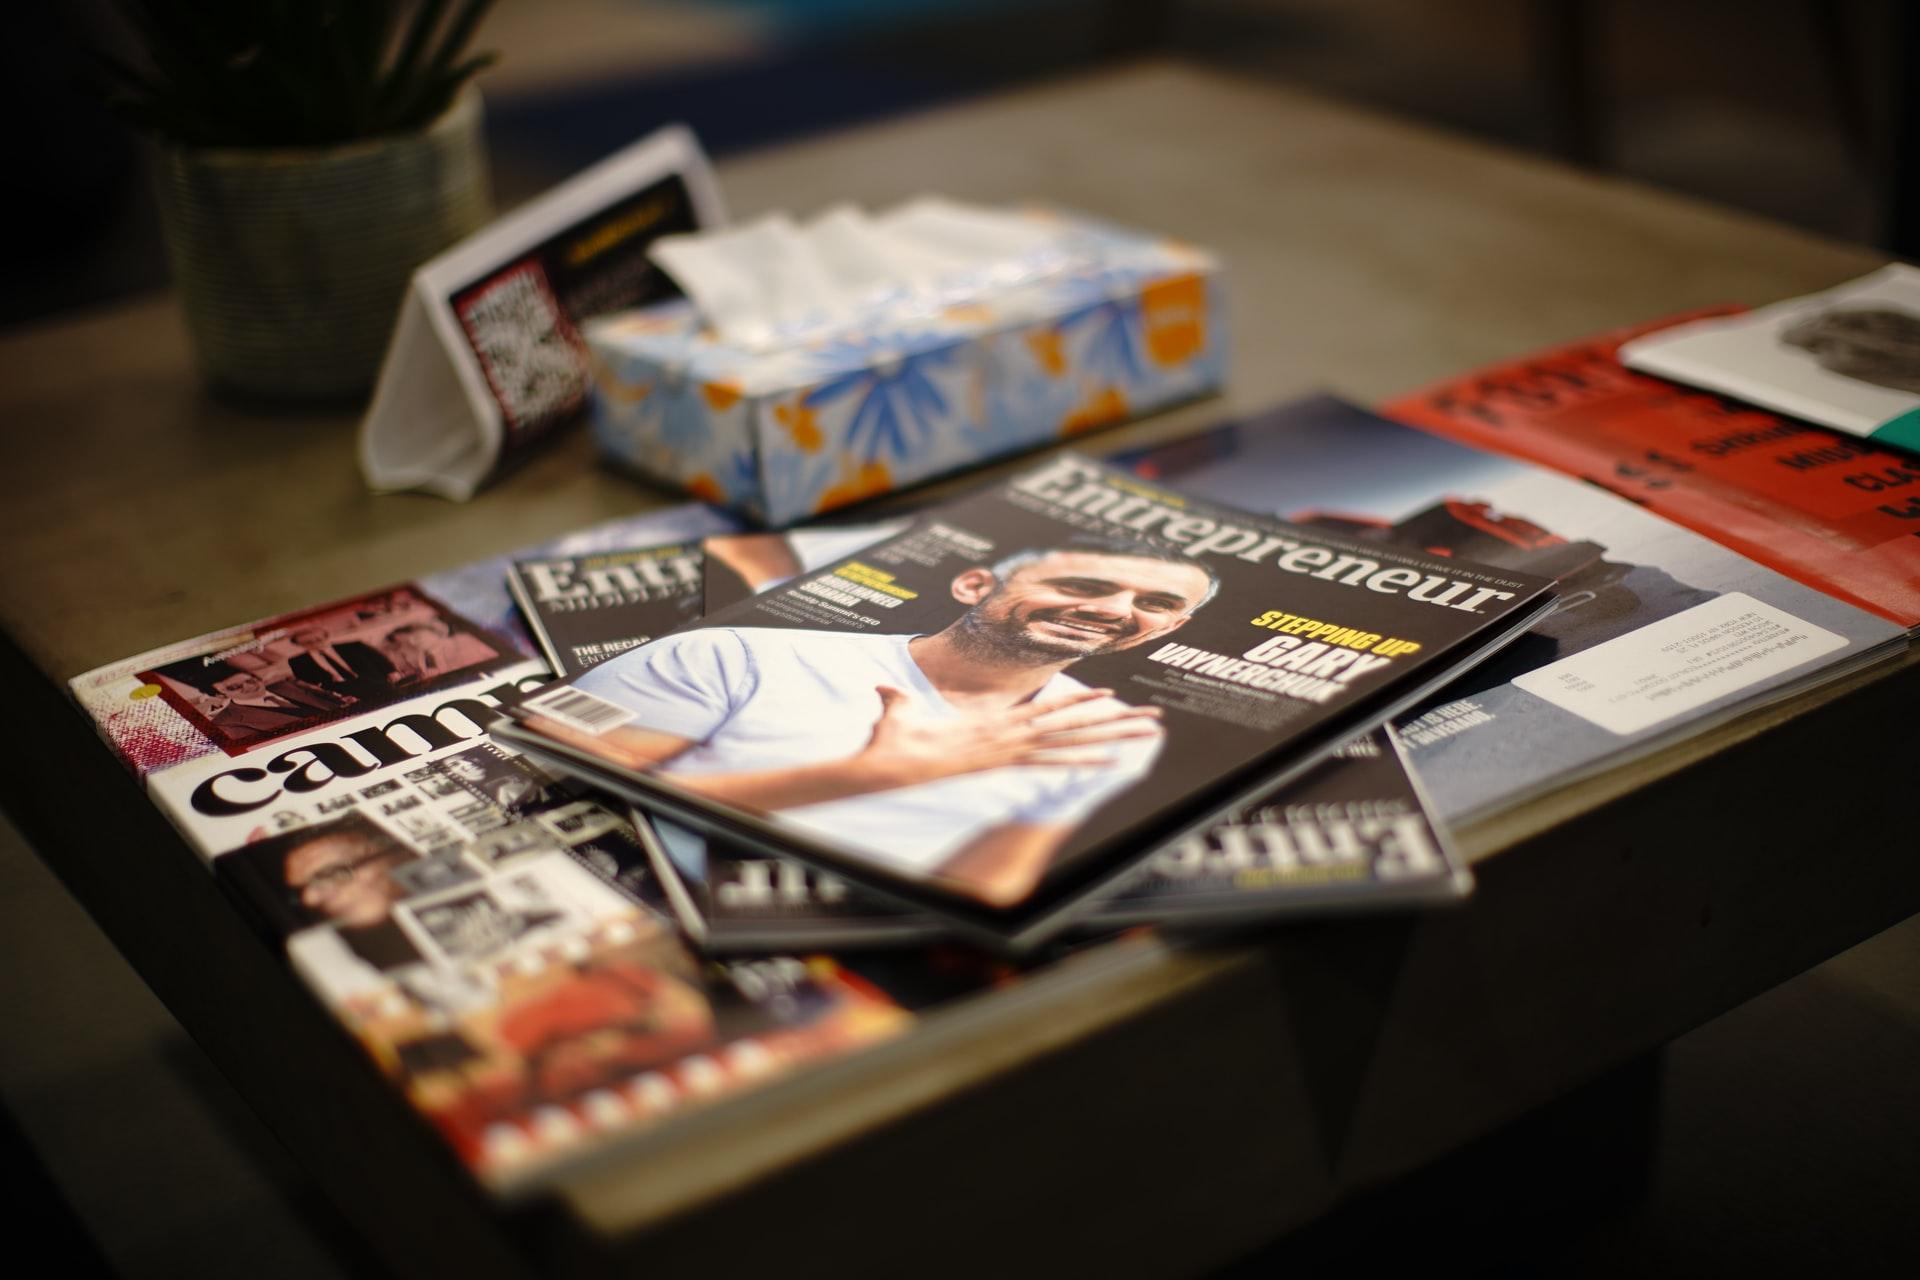 revistas com o gary vaynerchuck